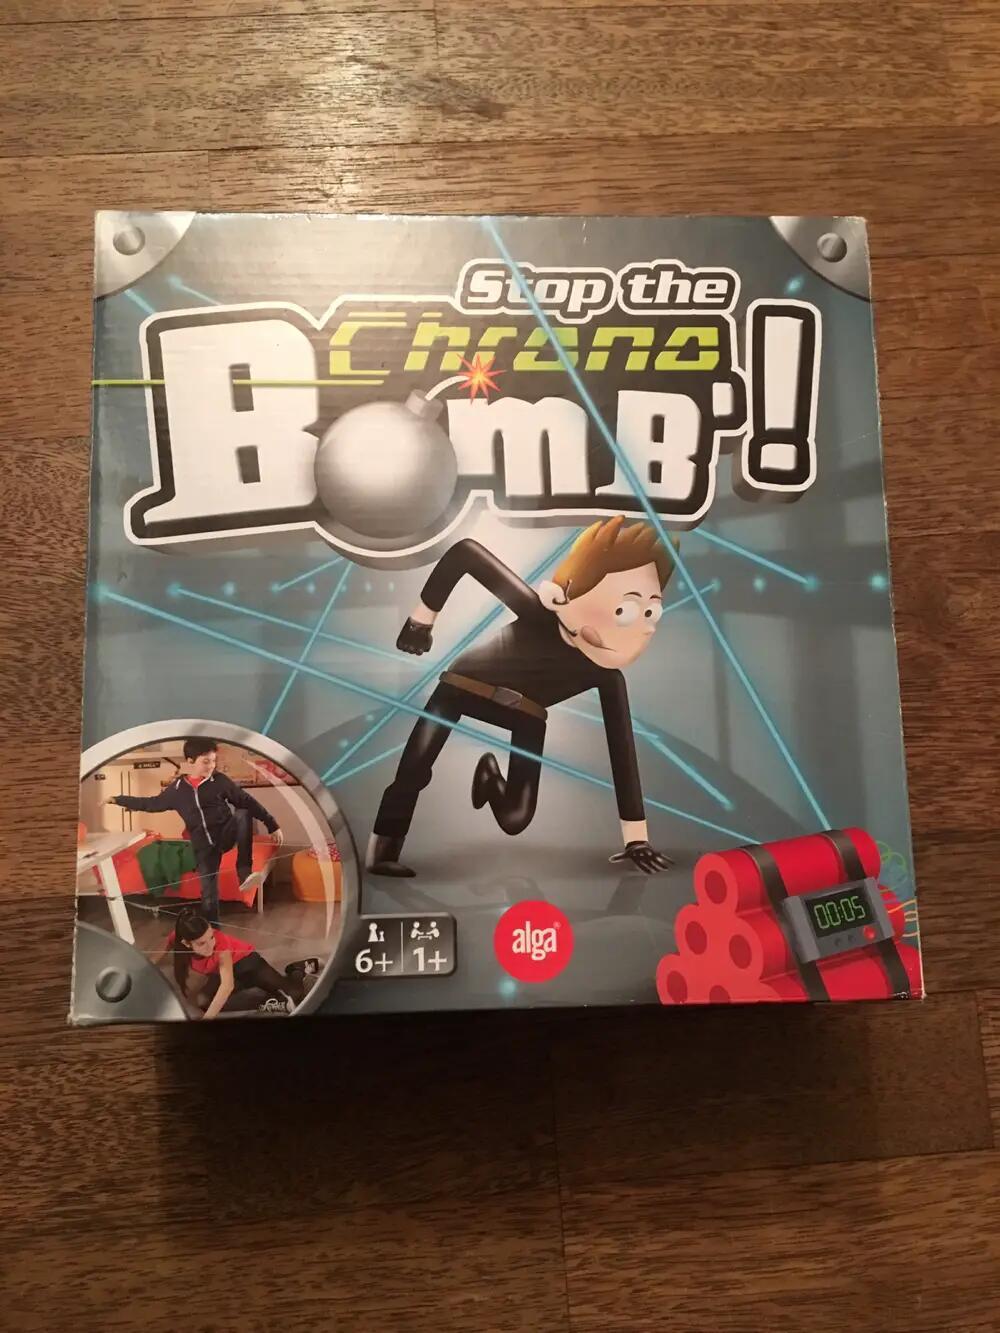 Bomb spil .